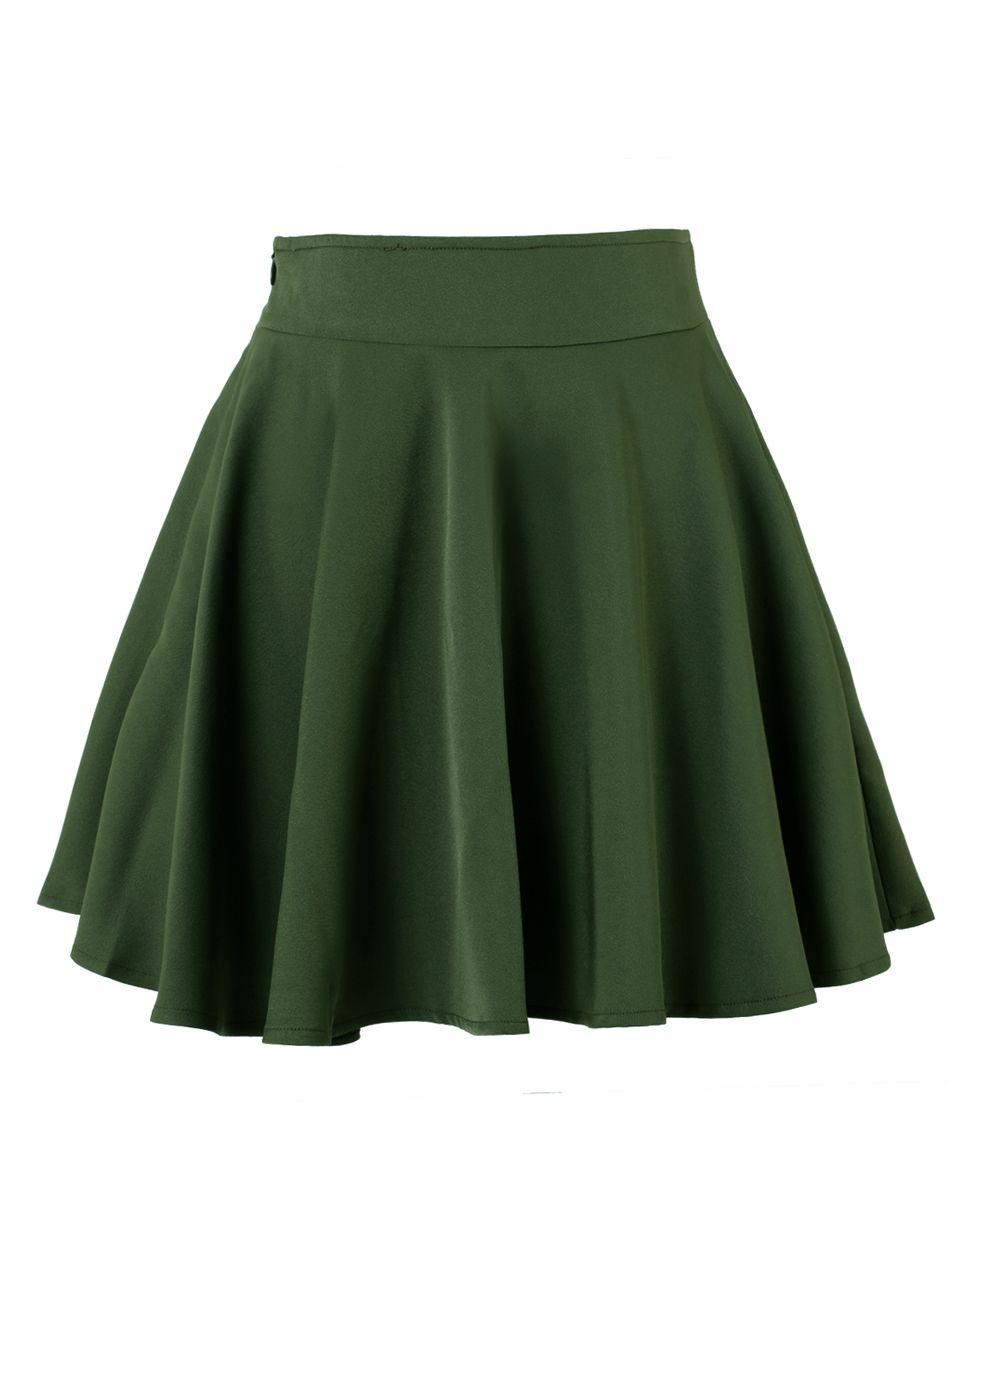 d624633dae Dark green Skater Skirt | WOMEN'S CLOTHING | Skater skirt, Green ...